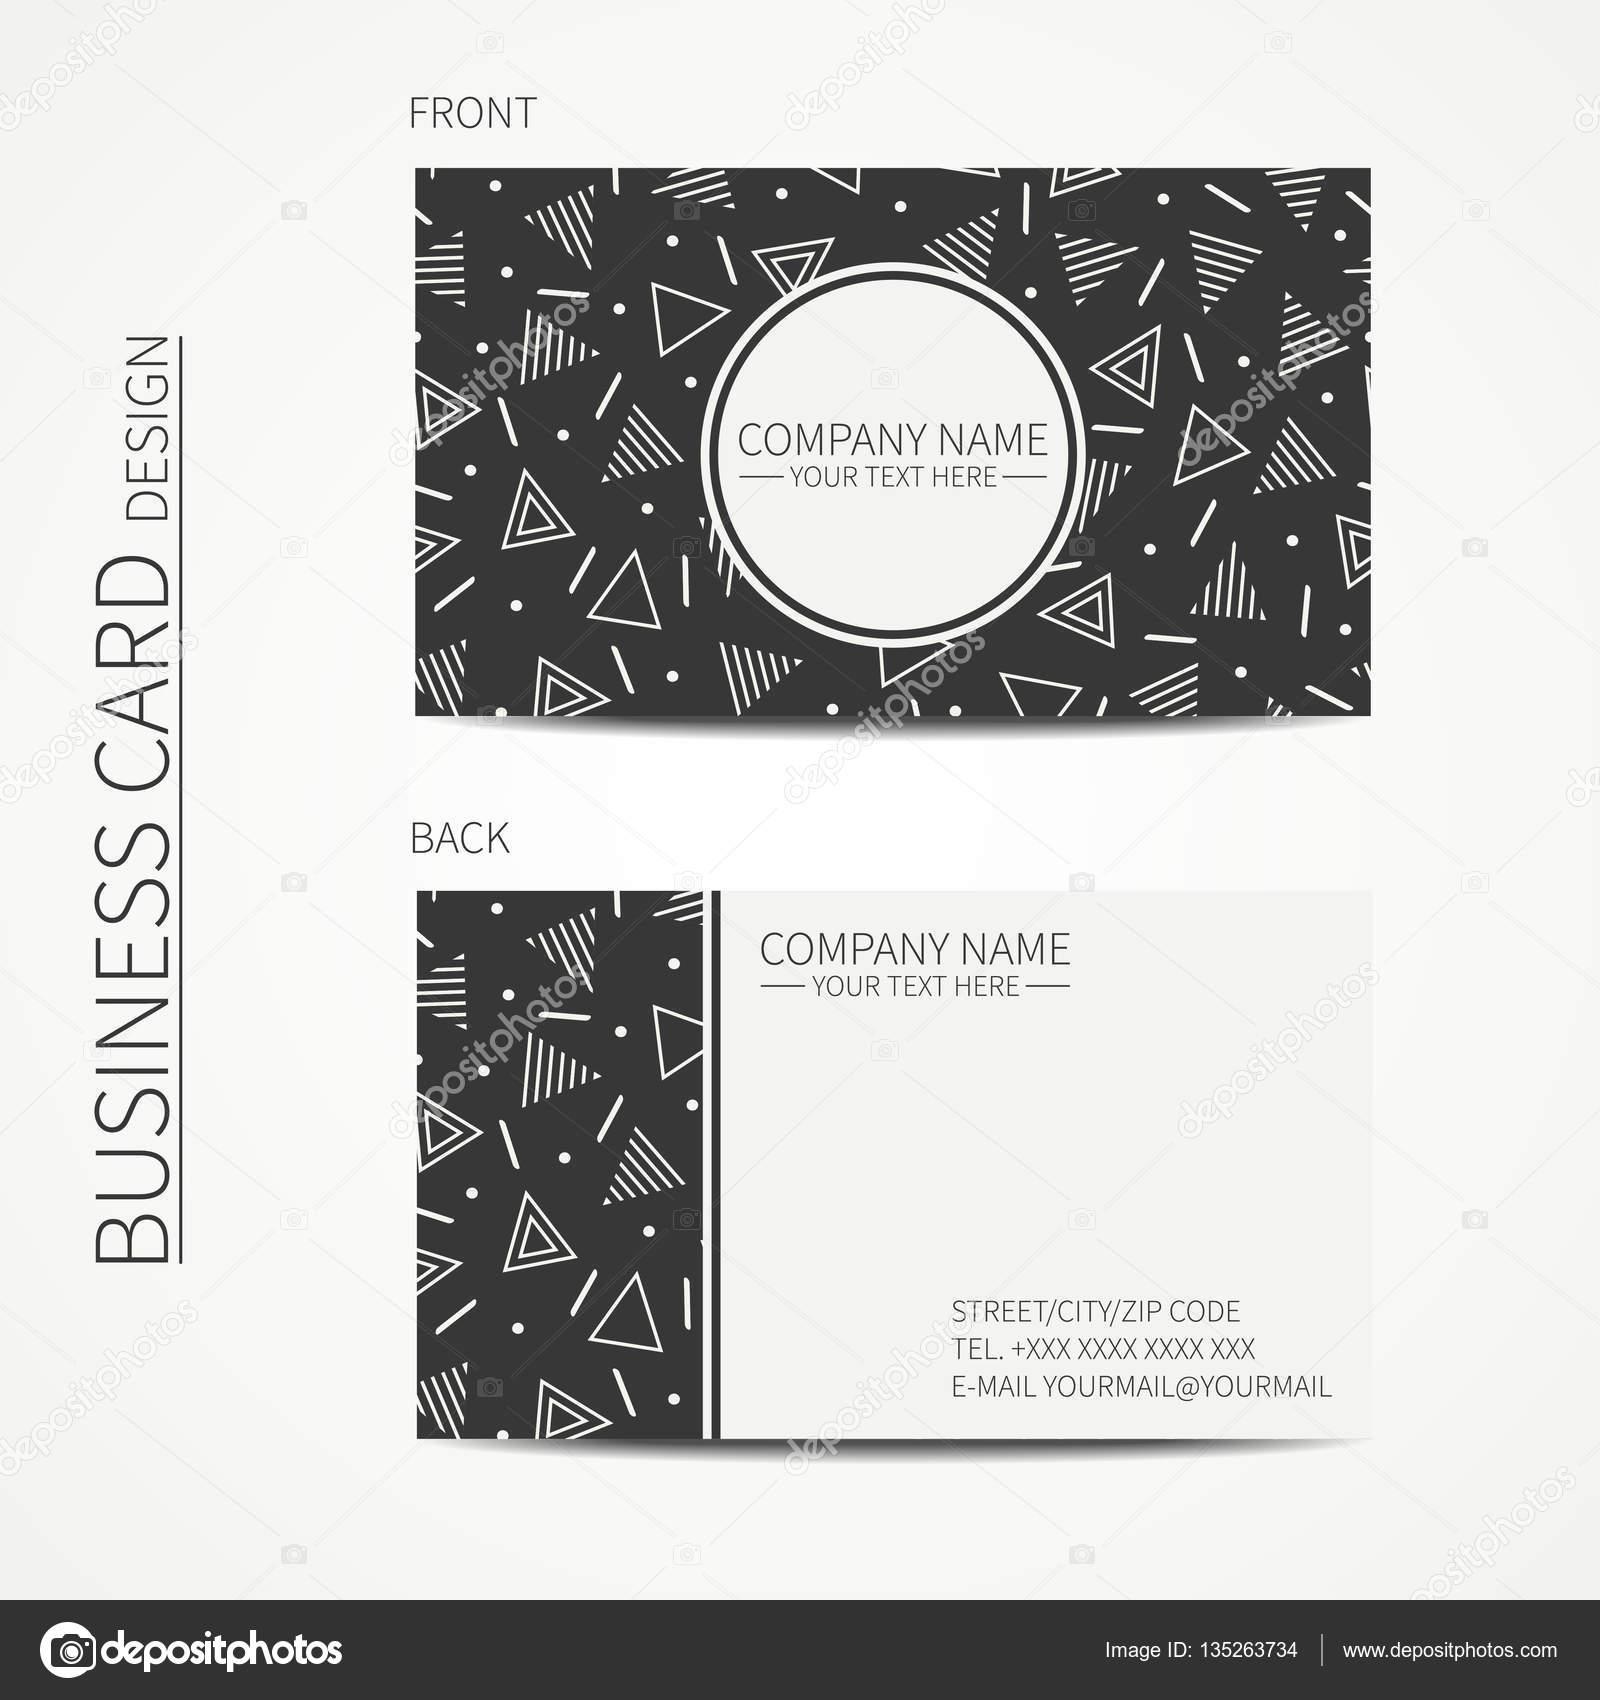 Vektor Einfache Visitenkarten Design Delta Trigon Vorlage